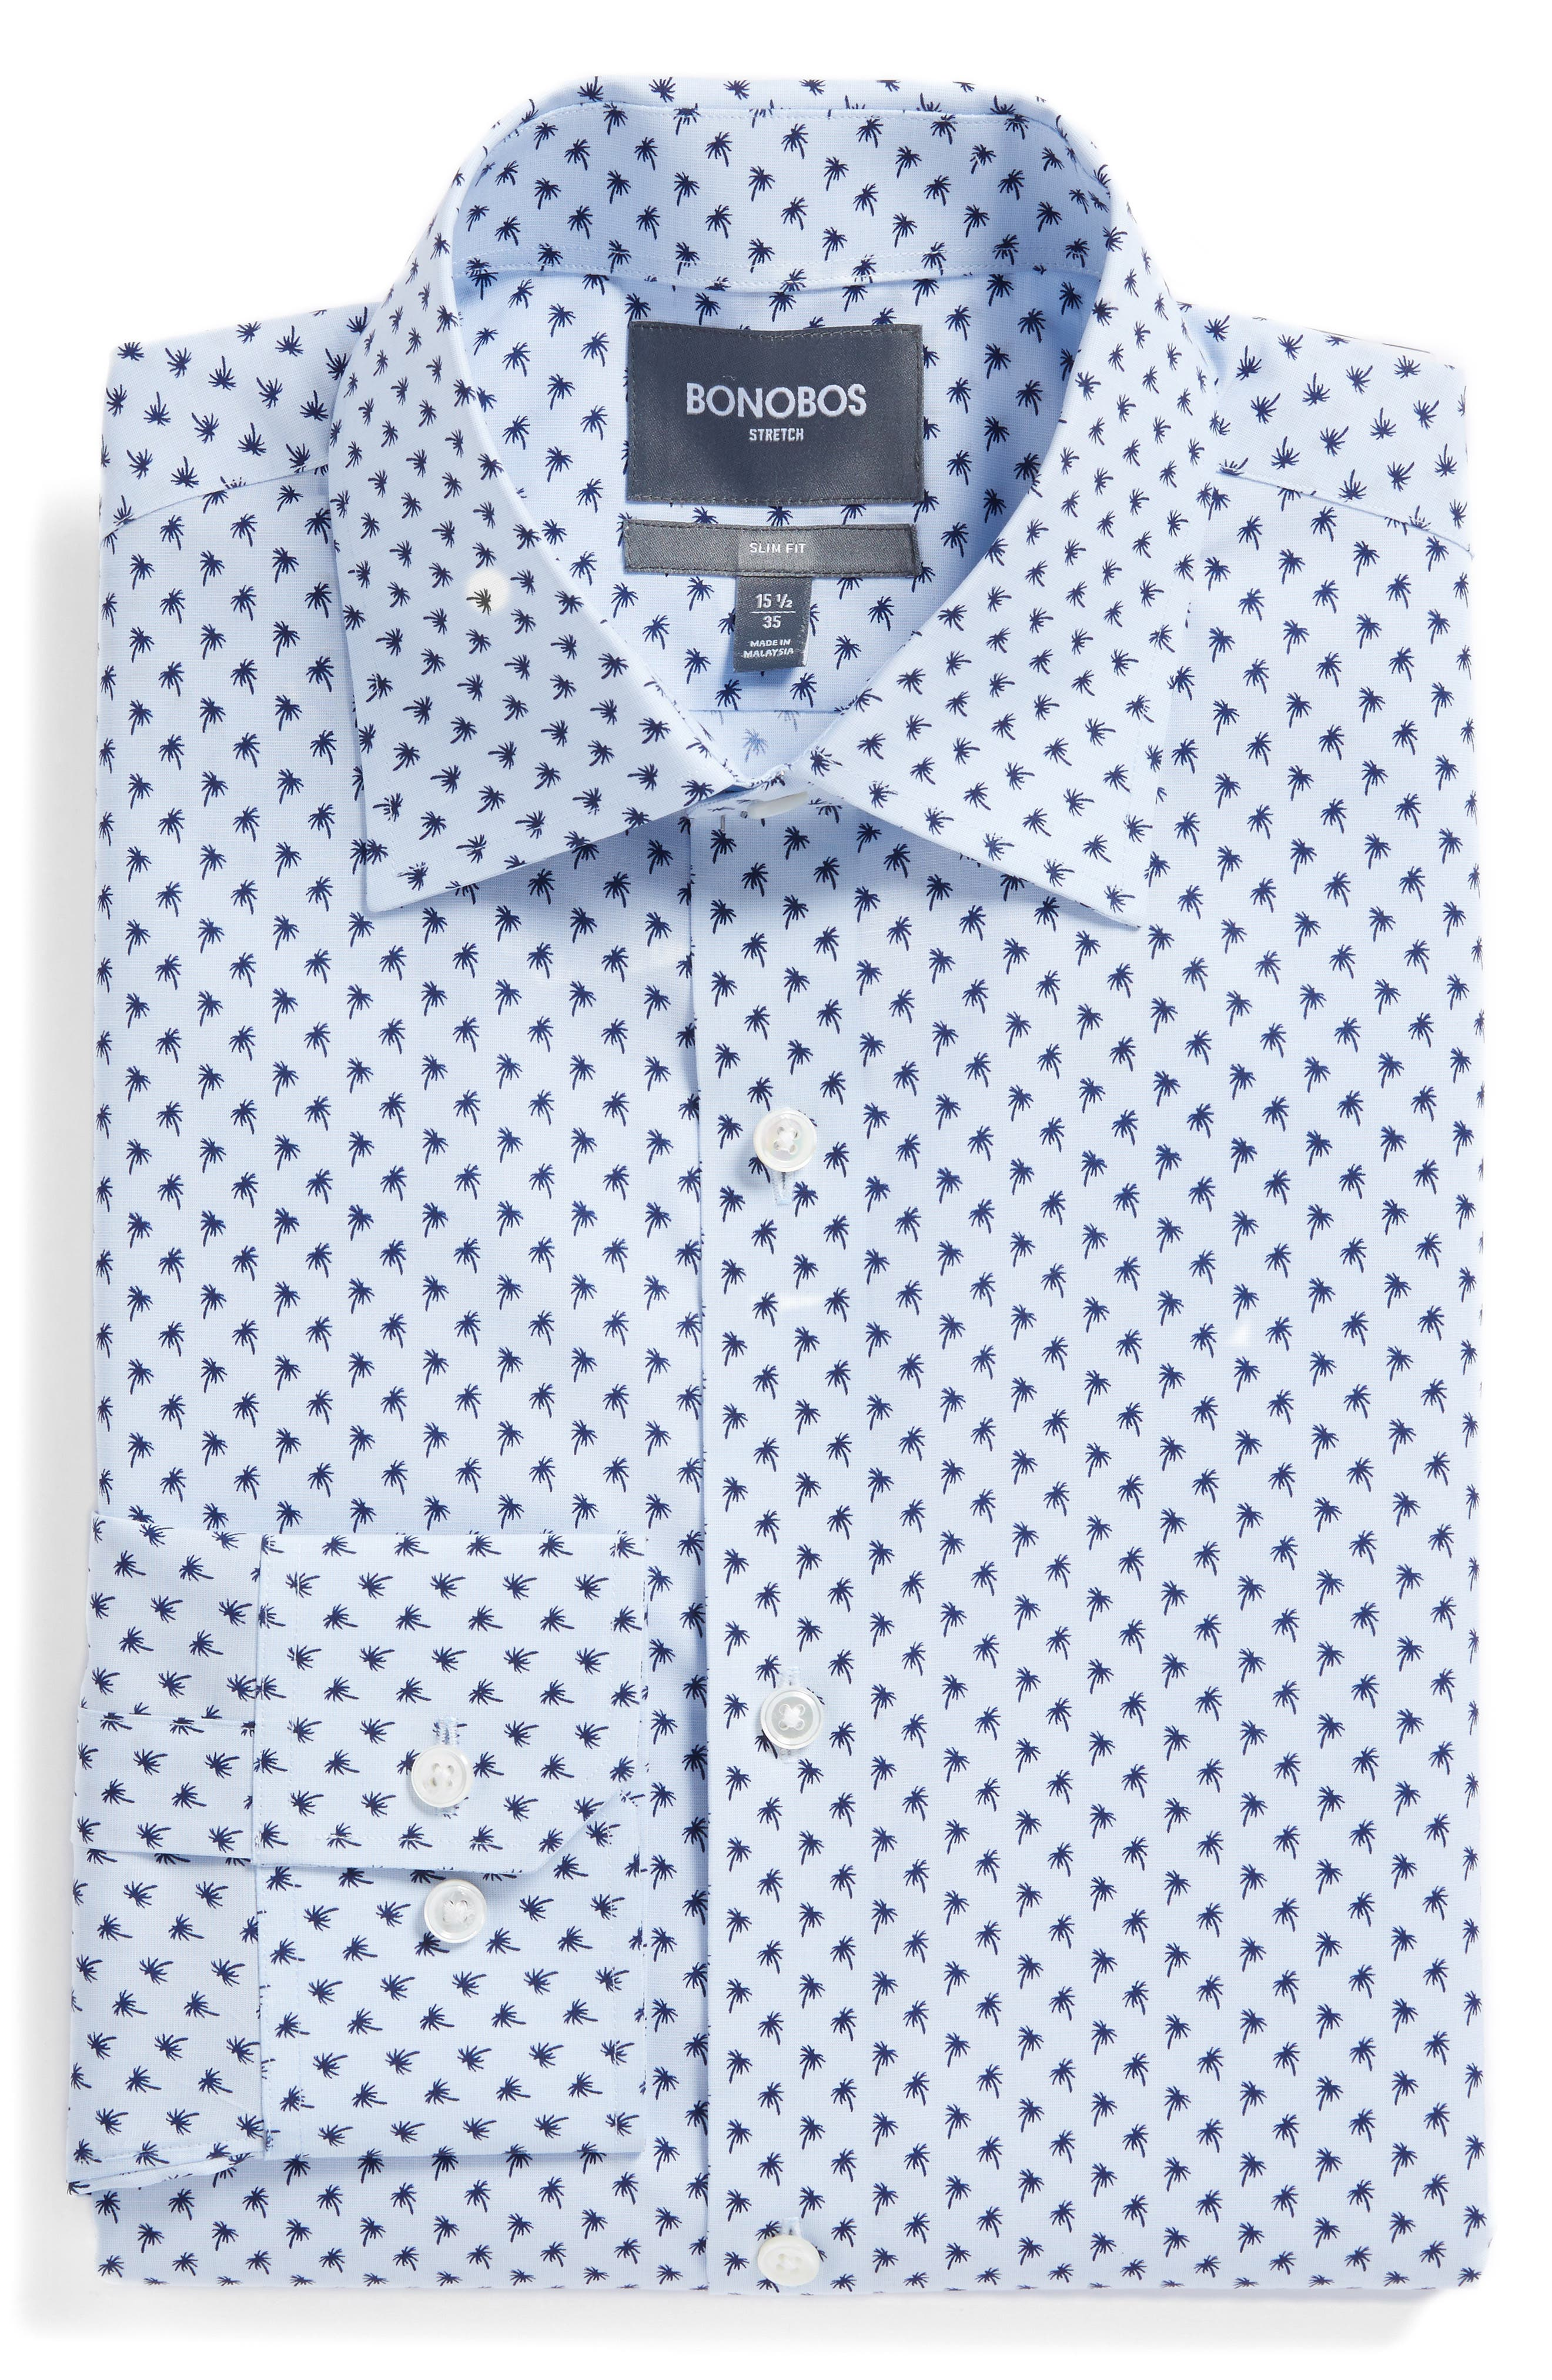 Jetsetter Slim Fit Print Dress Shirt,                             Main thumbnail 1, color,                             Blue